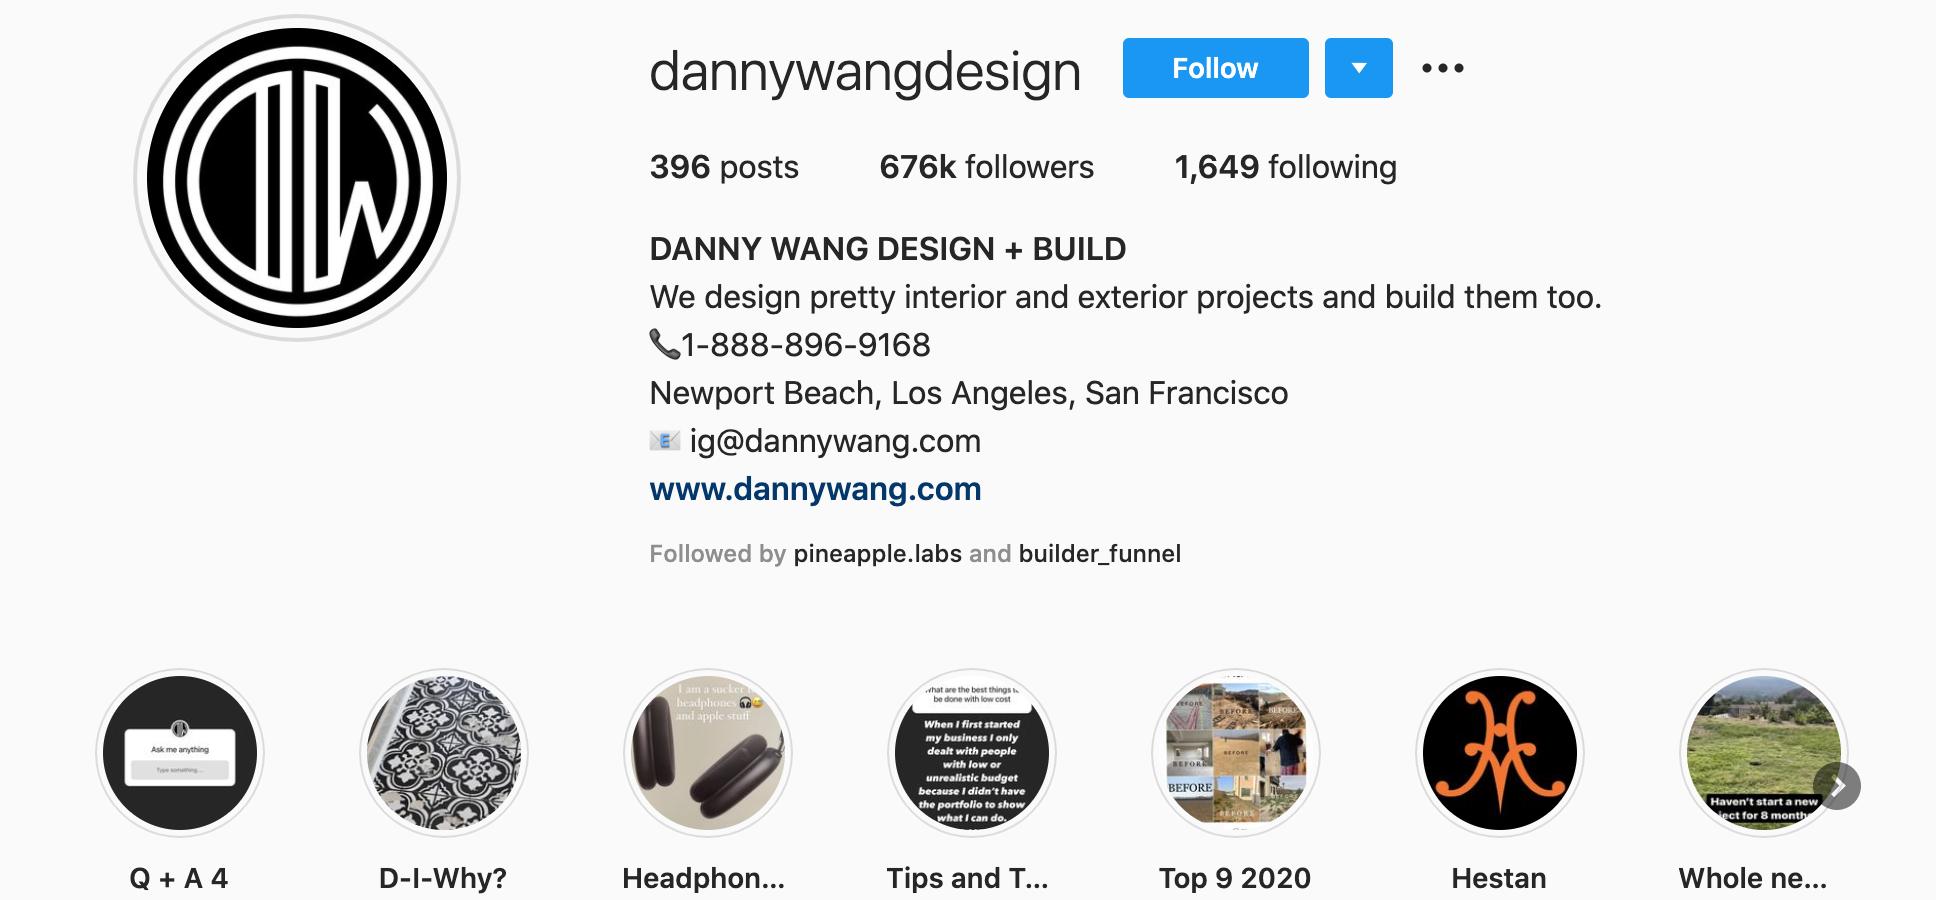 danny-wang-design-&-build-dannywangdesign-instagram-profile